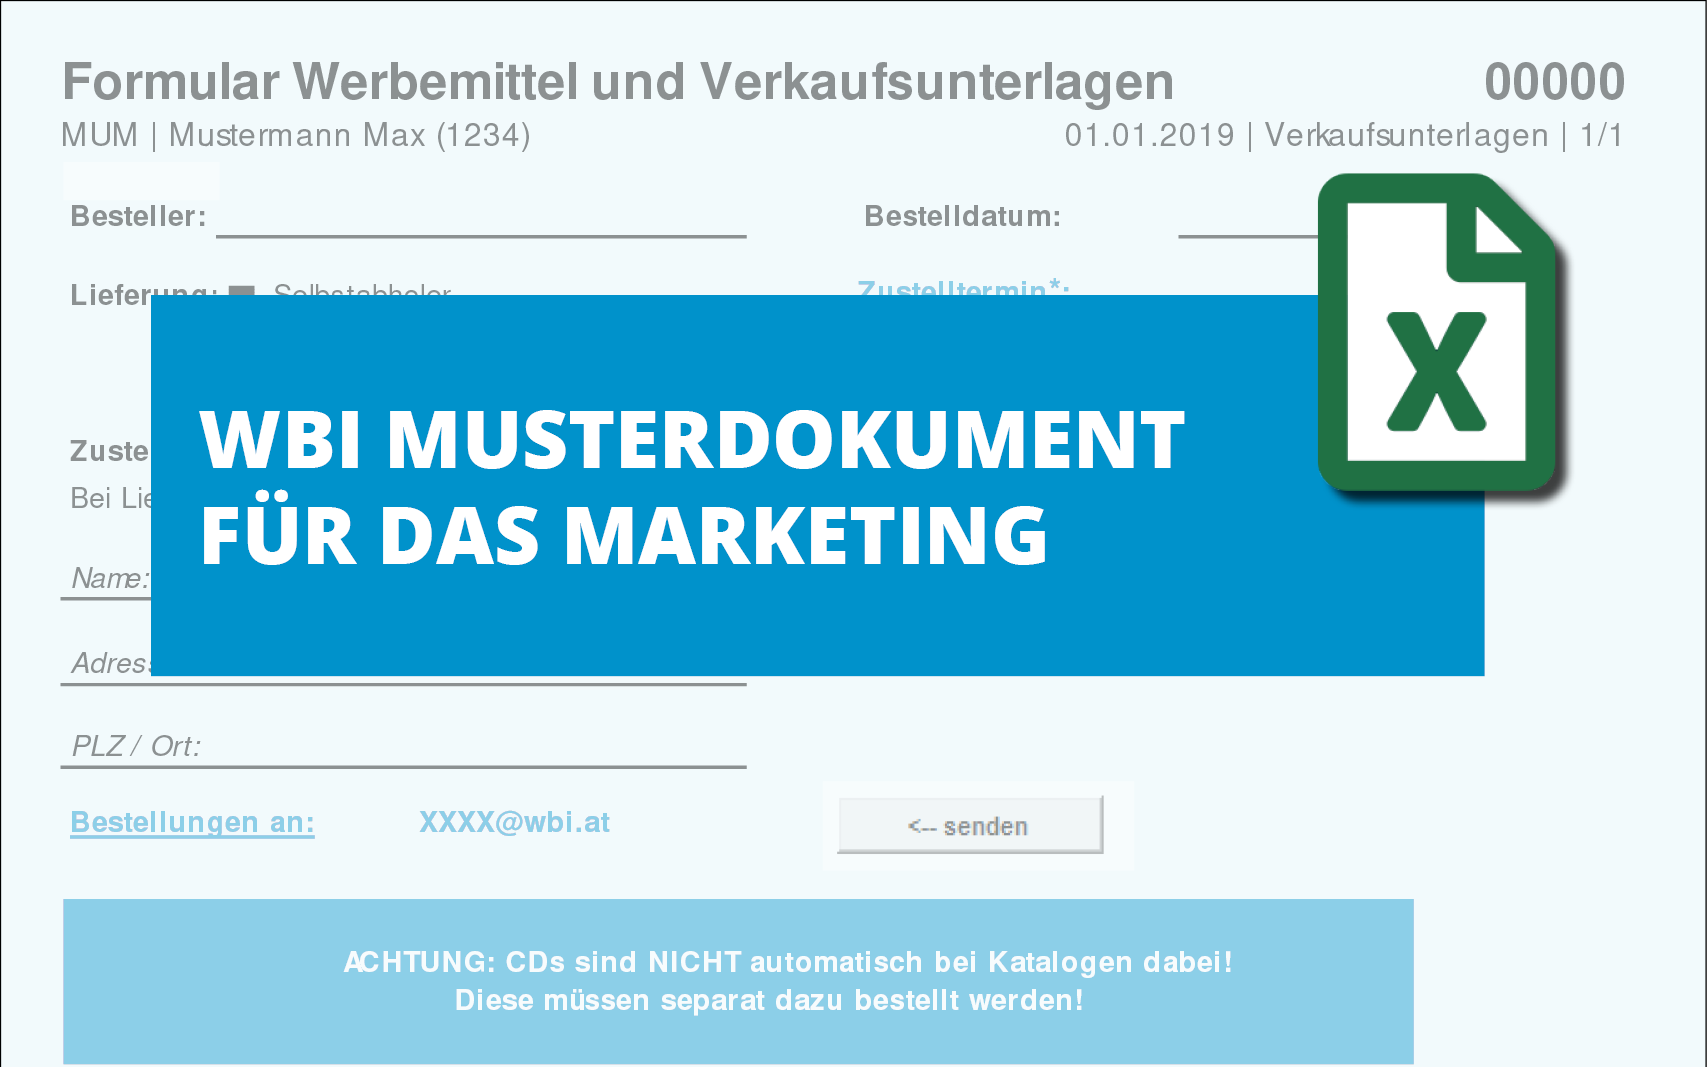 formular-werbemittel-und-verkaufsunterlagen